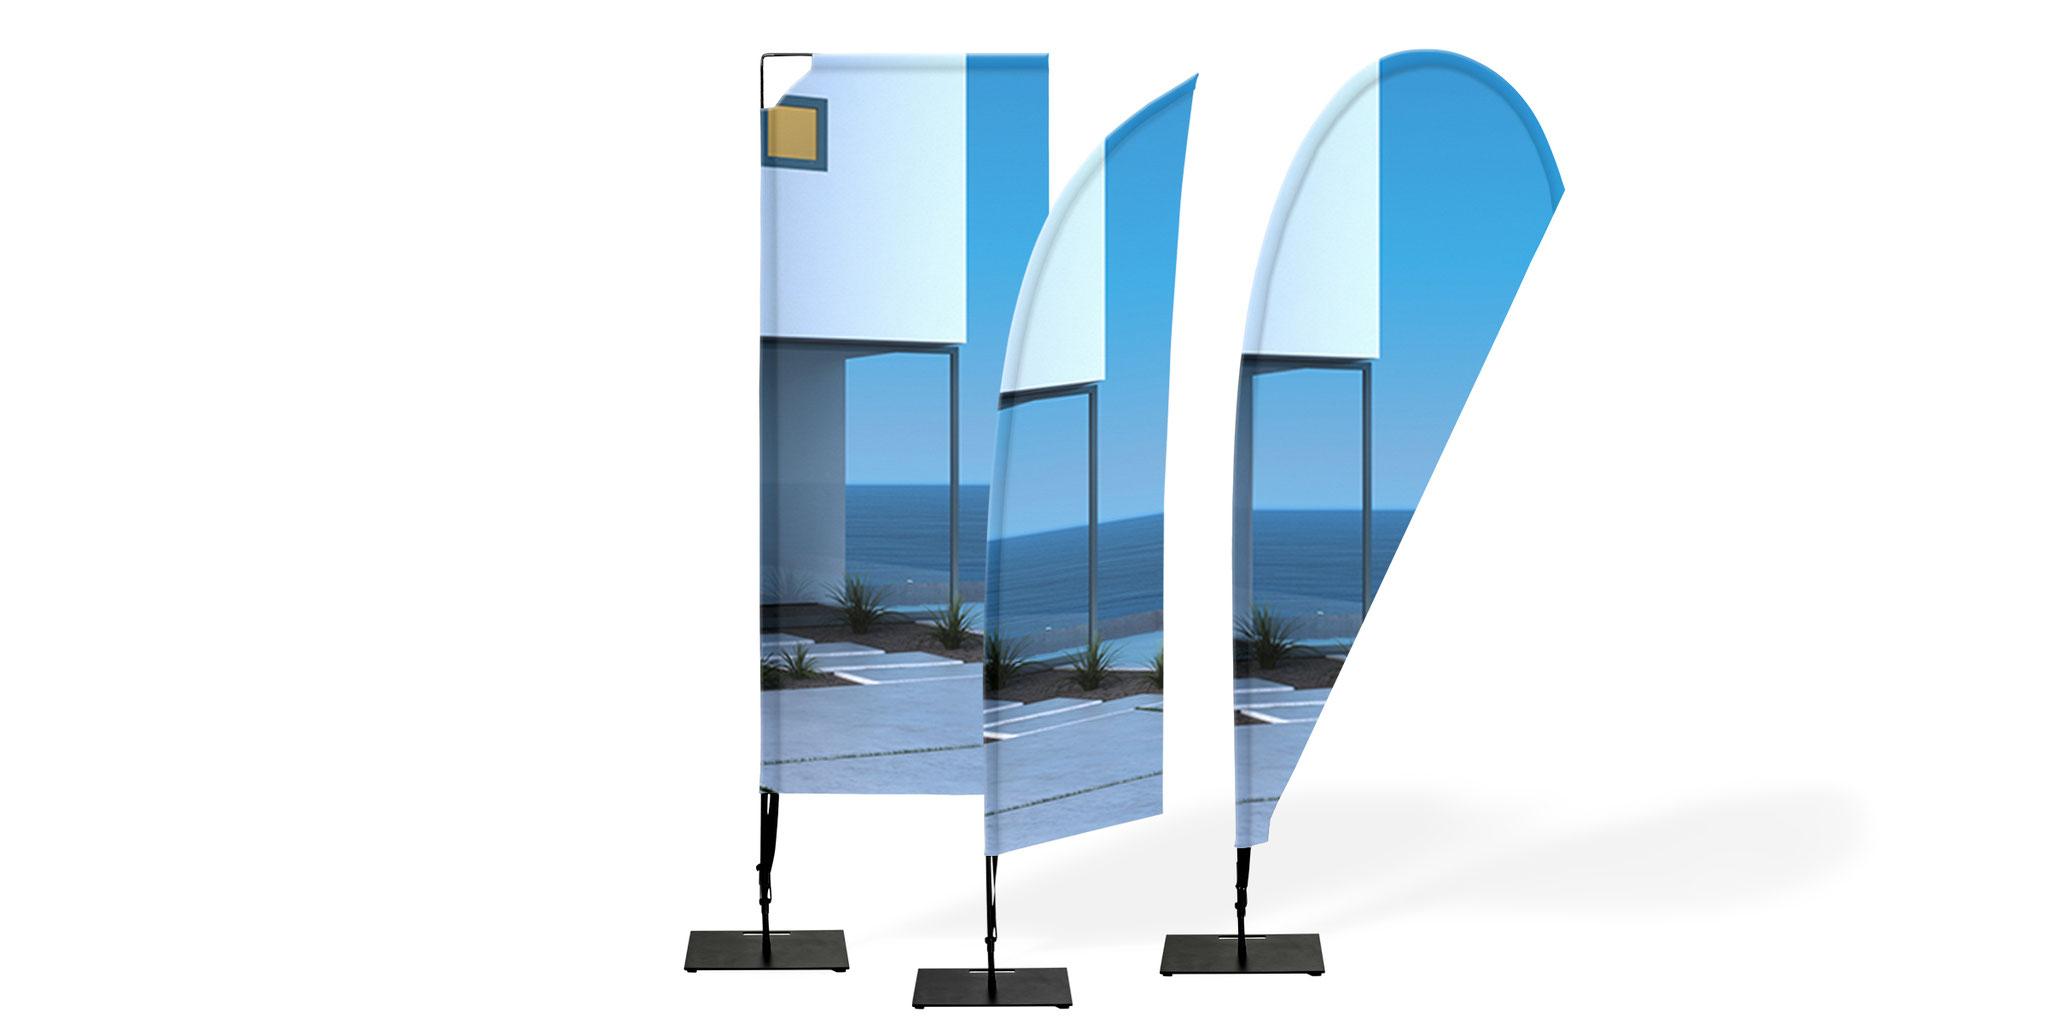 Beachflags drucken, Fahnen online kaufen